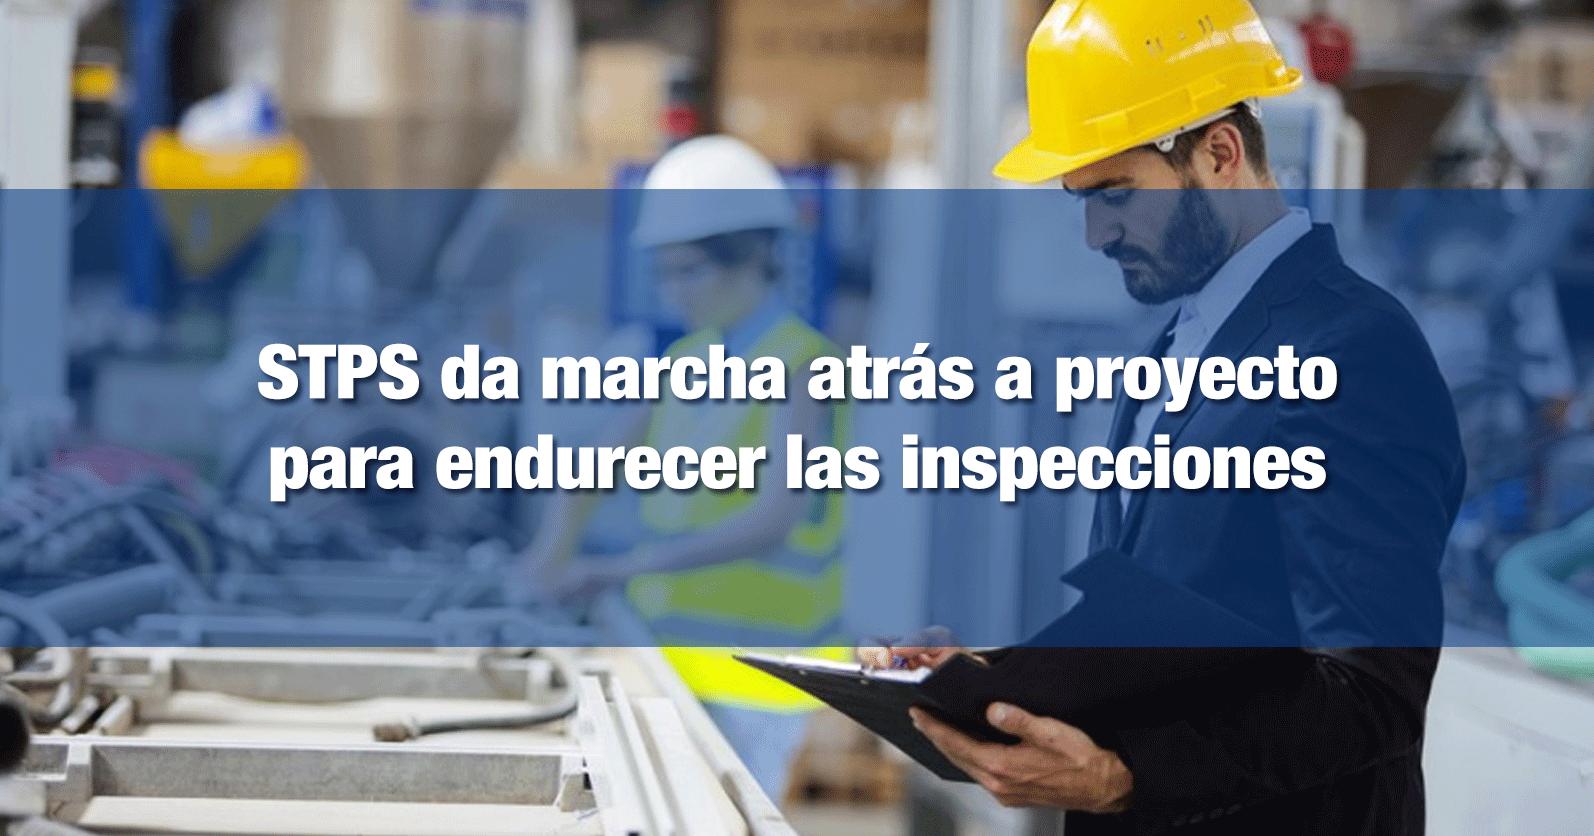 STPS da marcha atrás a proyecto para endurecer las inspecciones